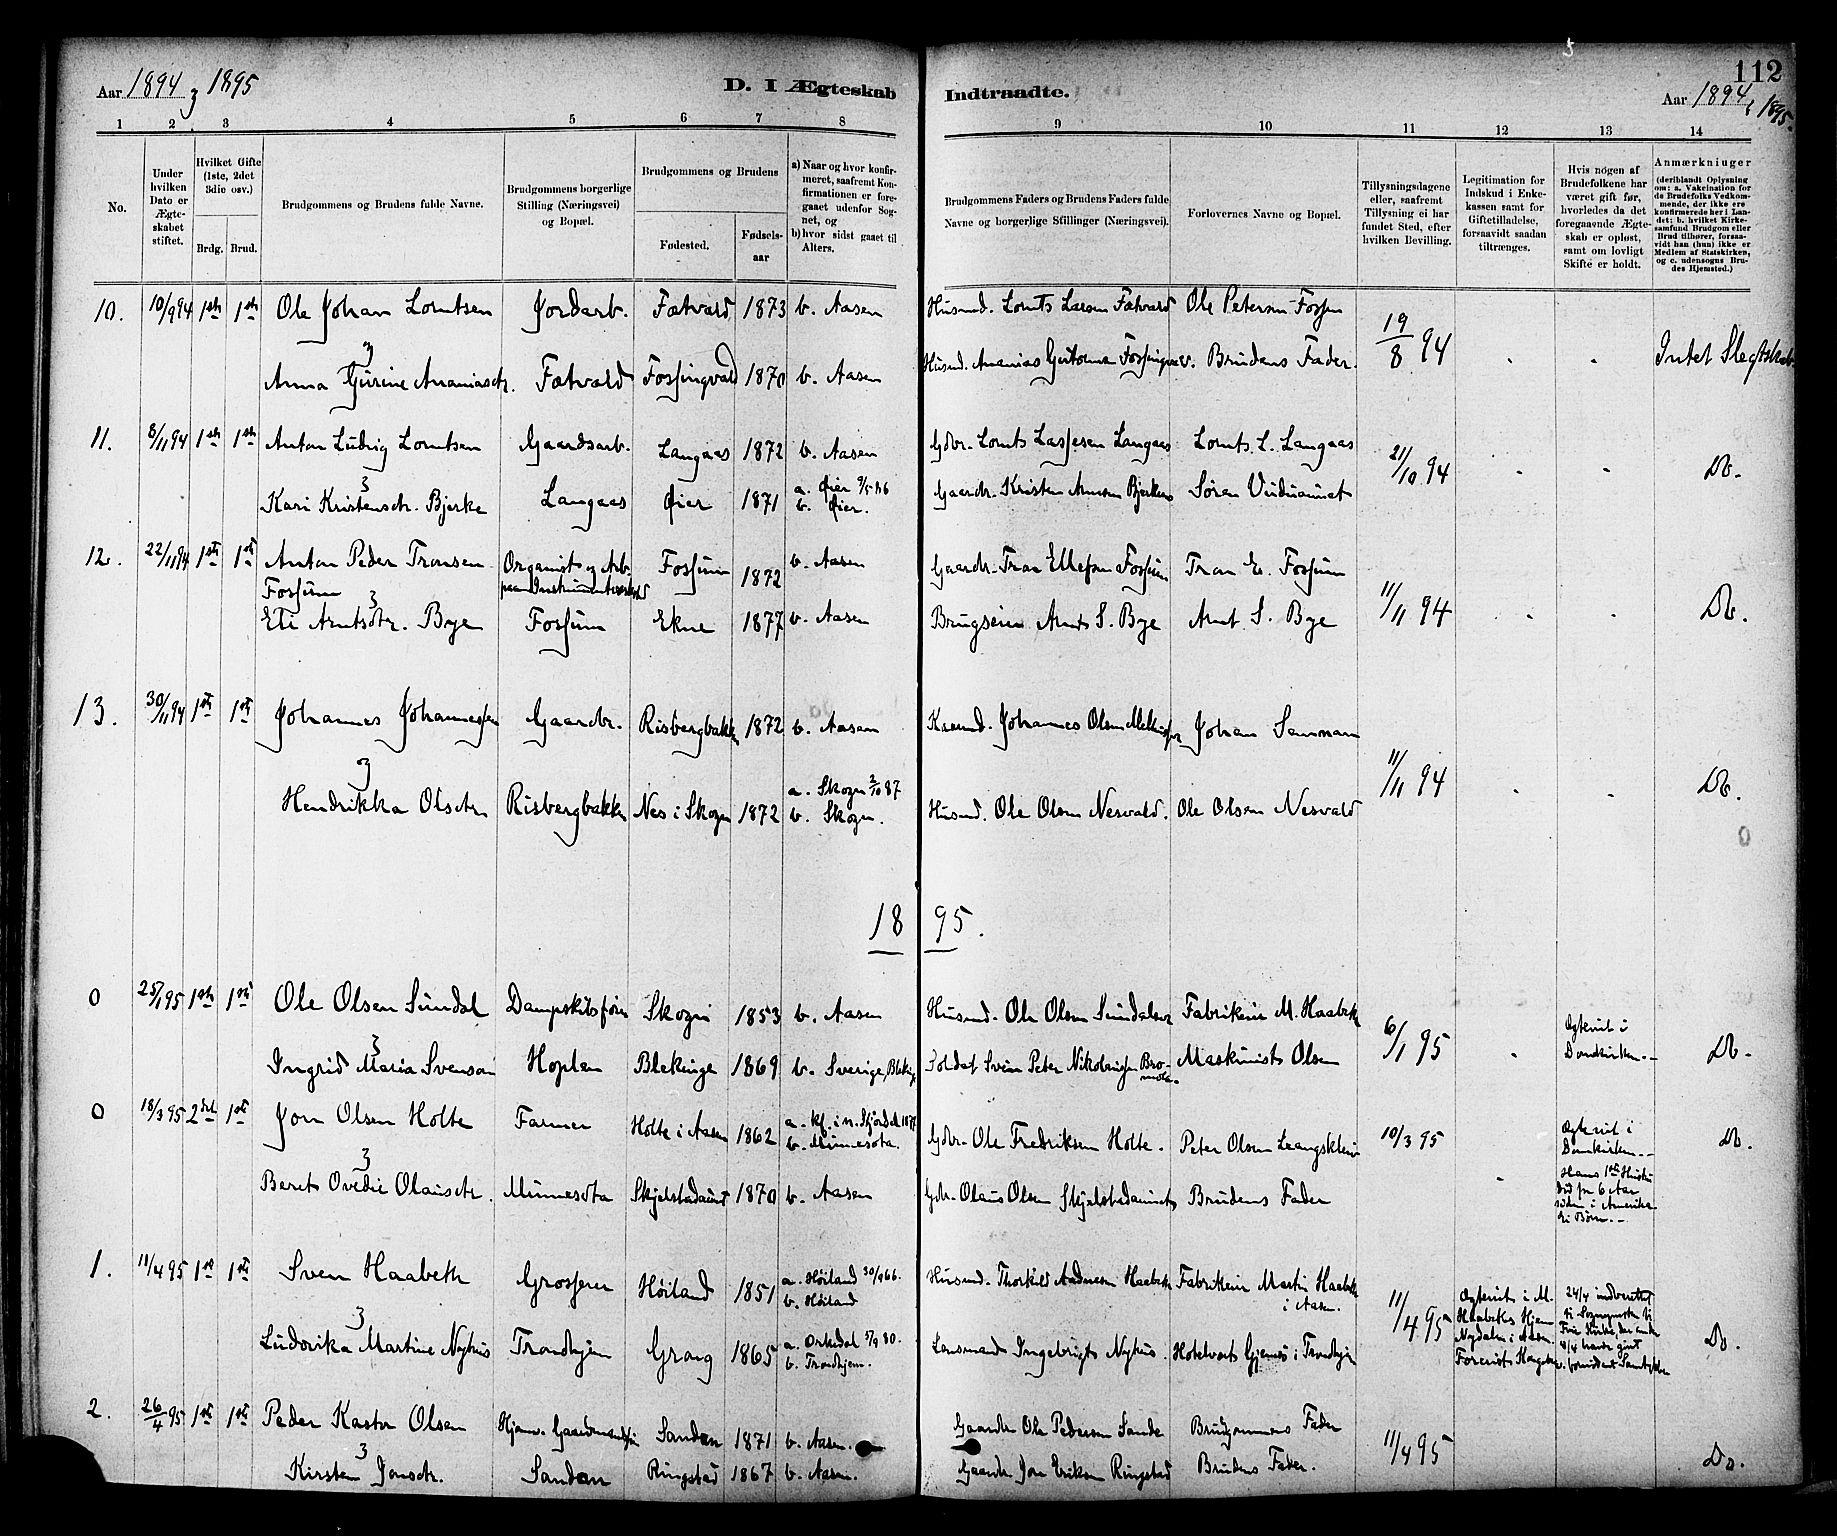 SAT, Ministerialprotokoller, klokkerbøker og fødselsregistre - Nord-Trøndelag, 714/L0130: Ministerialbok nr. 714A01, 1878-1895, s. 112